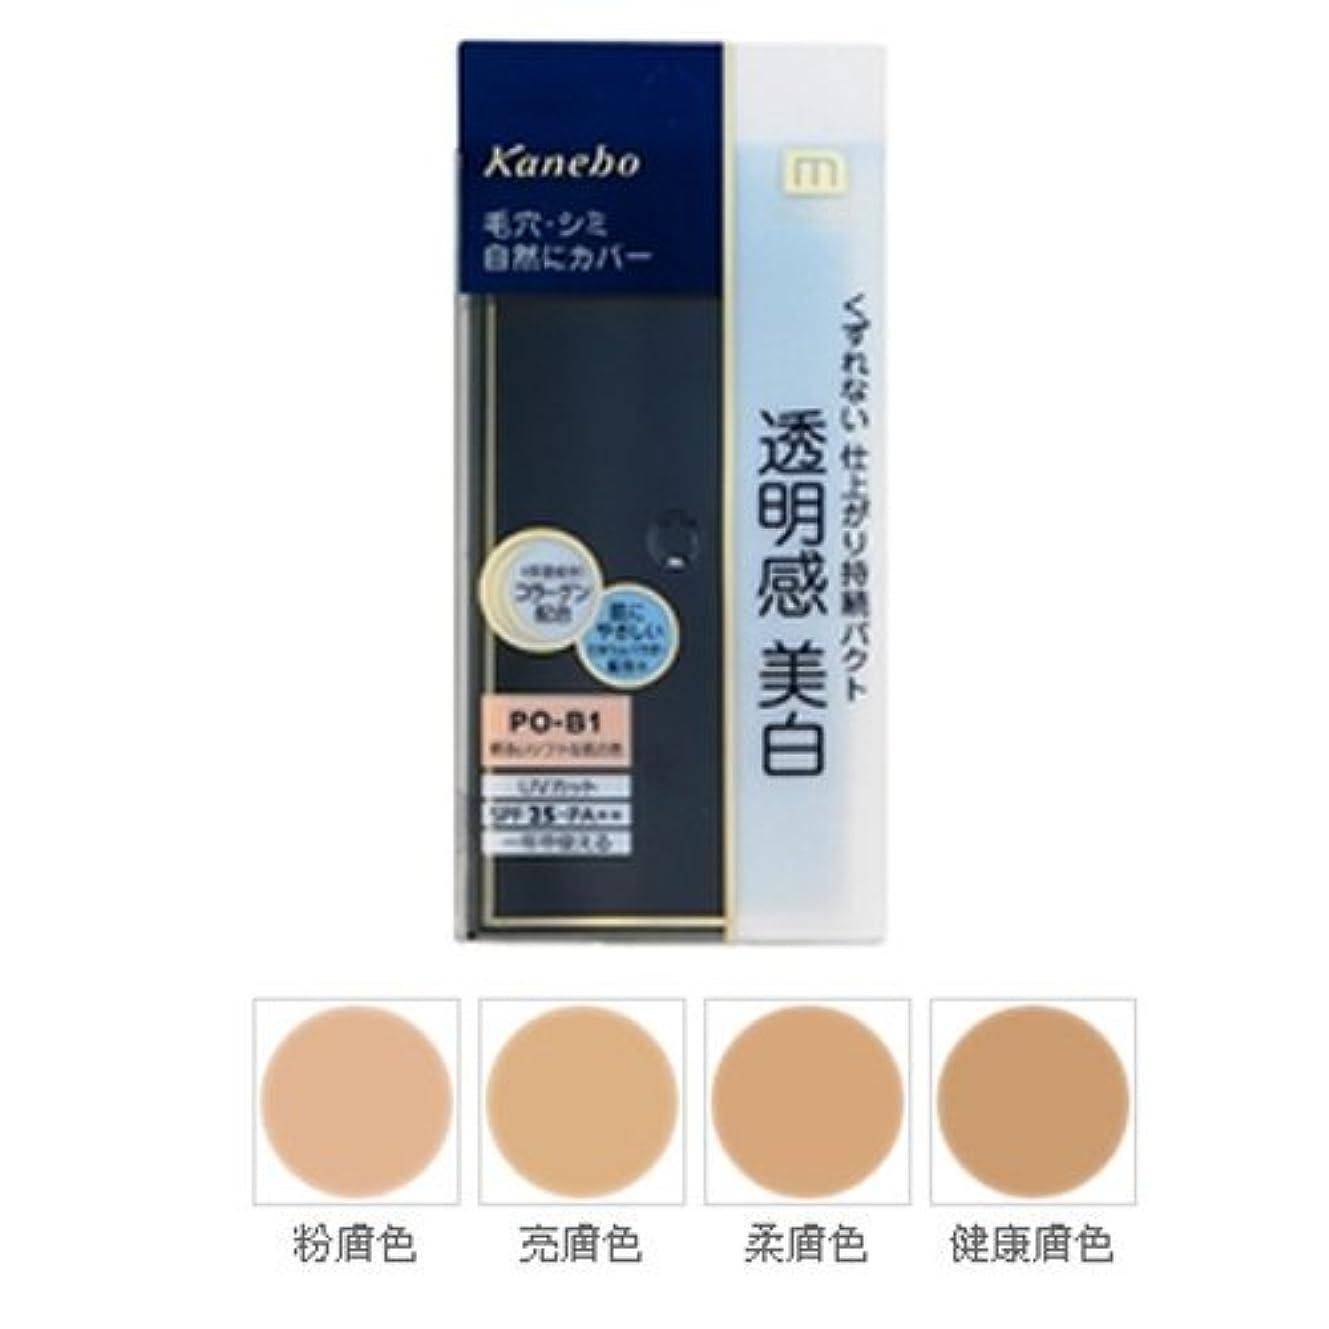 真空記憶ロープカネボウ メディア(media)ホワイトニングパクトA III カラー:OC-E1